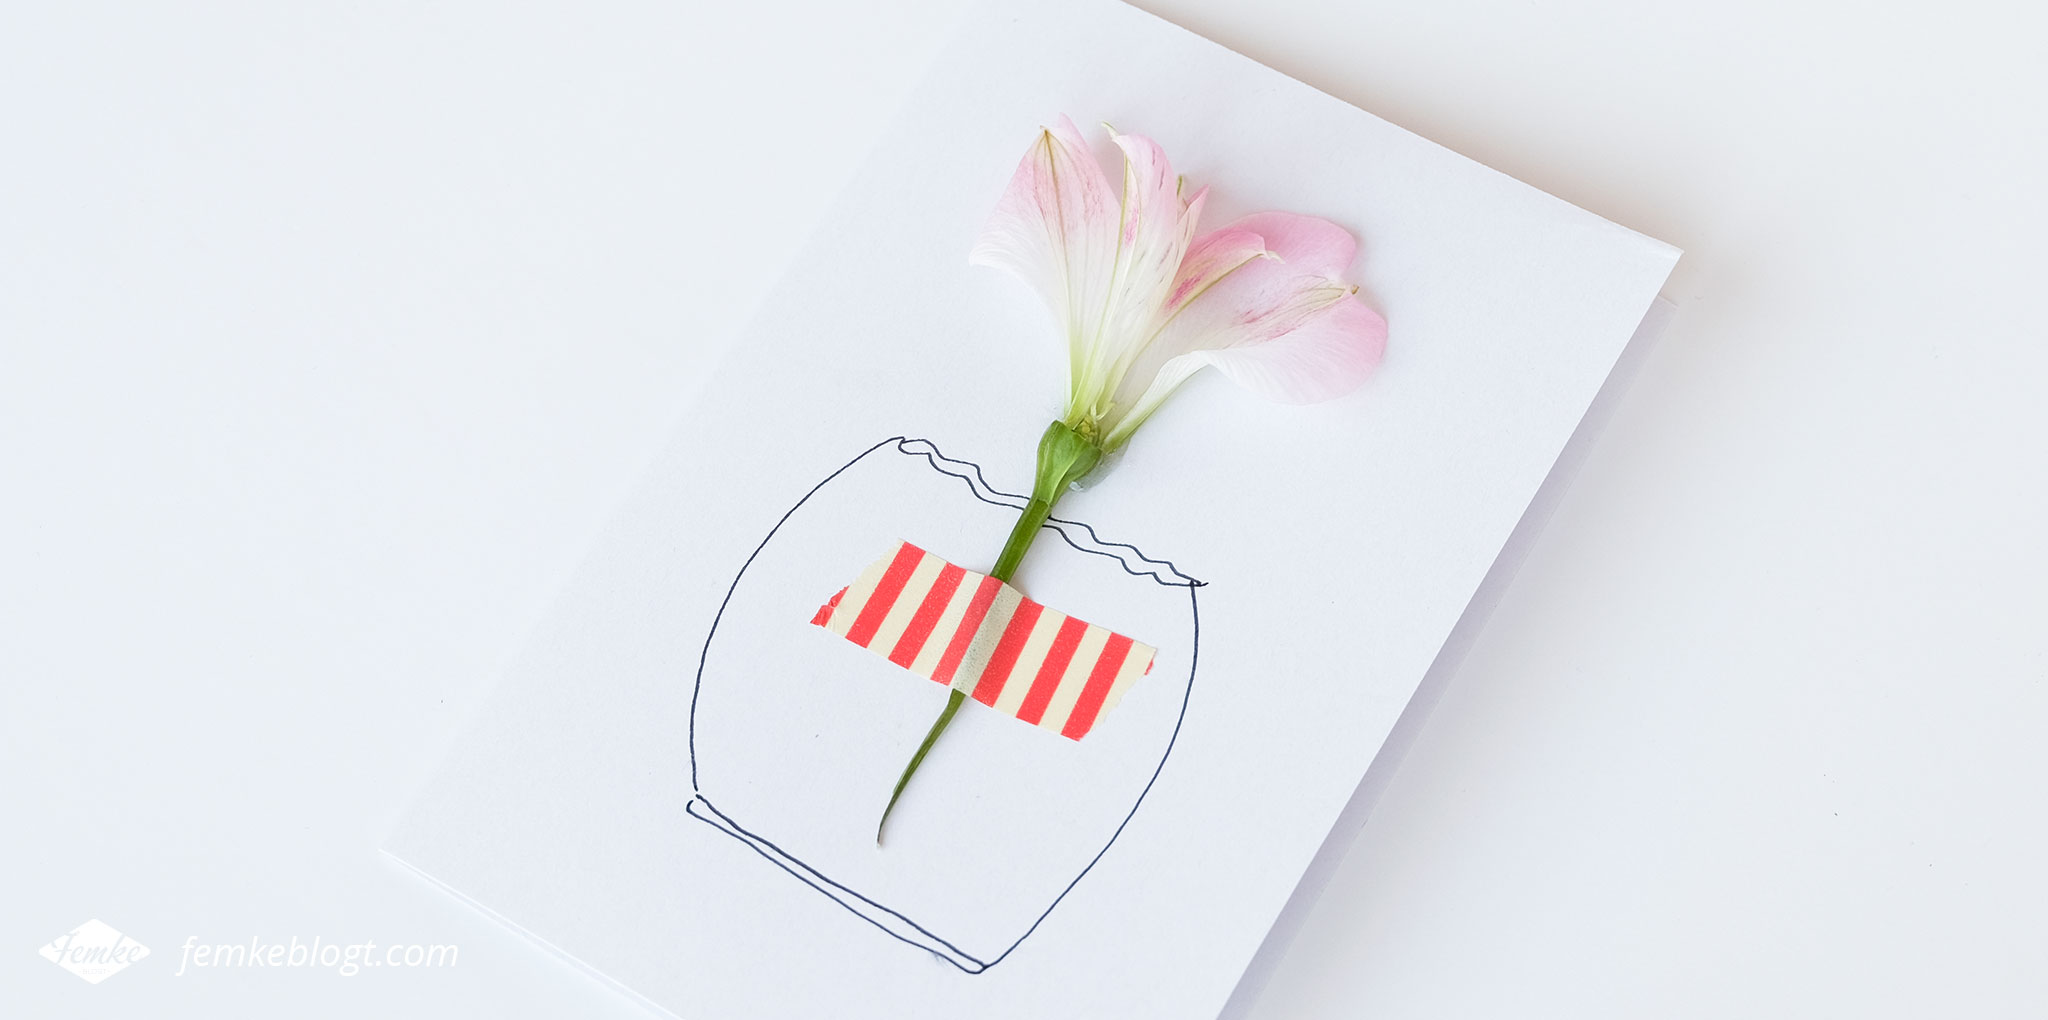 DIY Moederdag bloemen kaart   Maak je eigen kaart met fleurige bloemen voor Moederdag, met deze simpele DIY